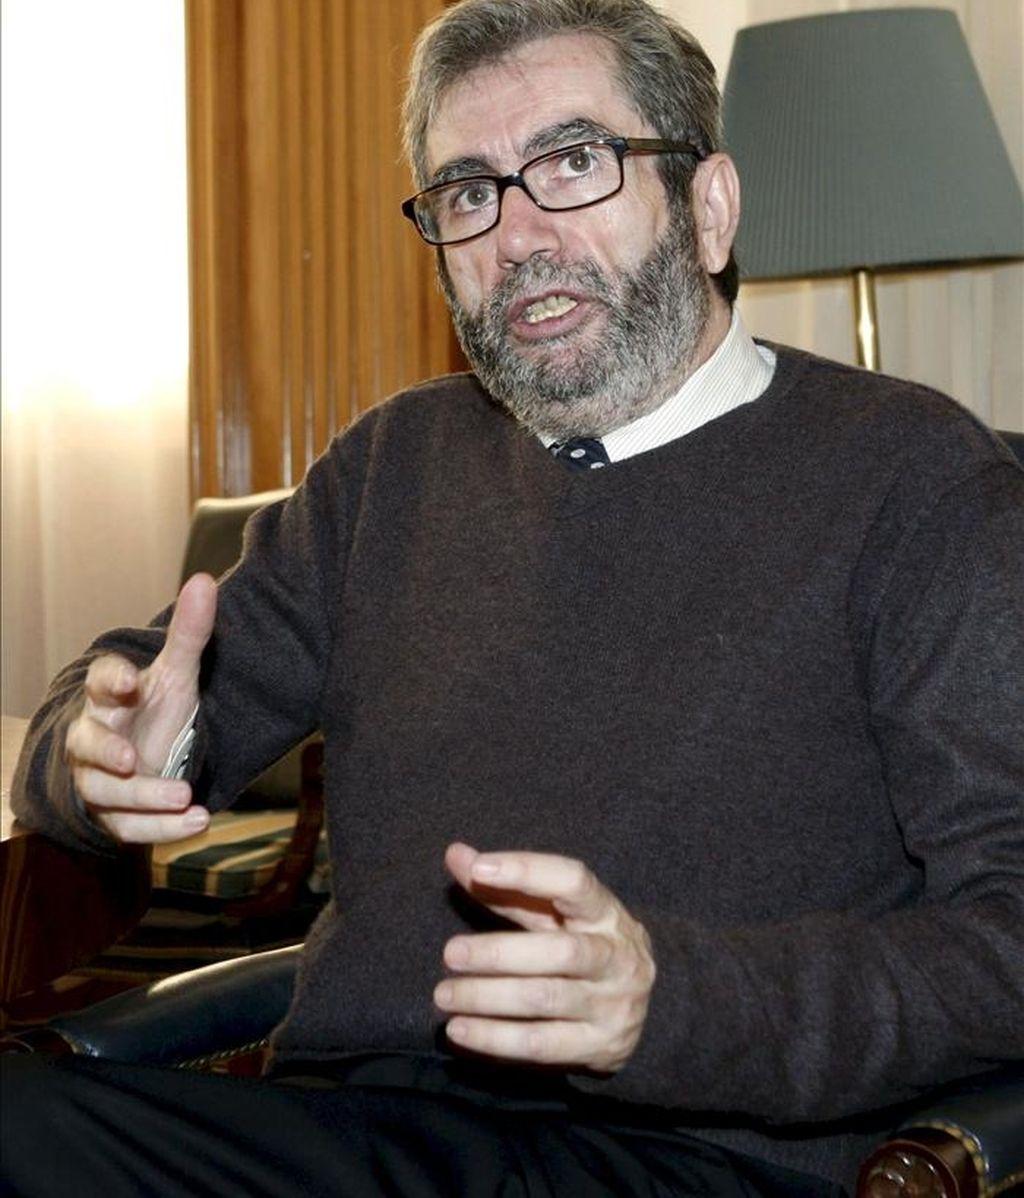 """Muñoz Molina, considerado uno de los autores de habla hispana más destacados de las últimas décadas, acaba de aterrizar en Buenos Aires para promocionar su más reciente novela, """"La noche de los tiempos"""". EFE/Archivo"""